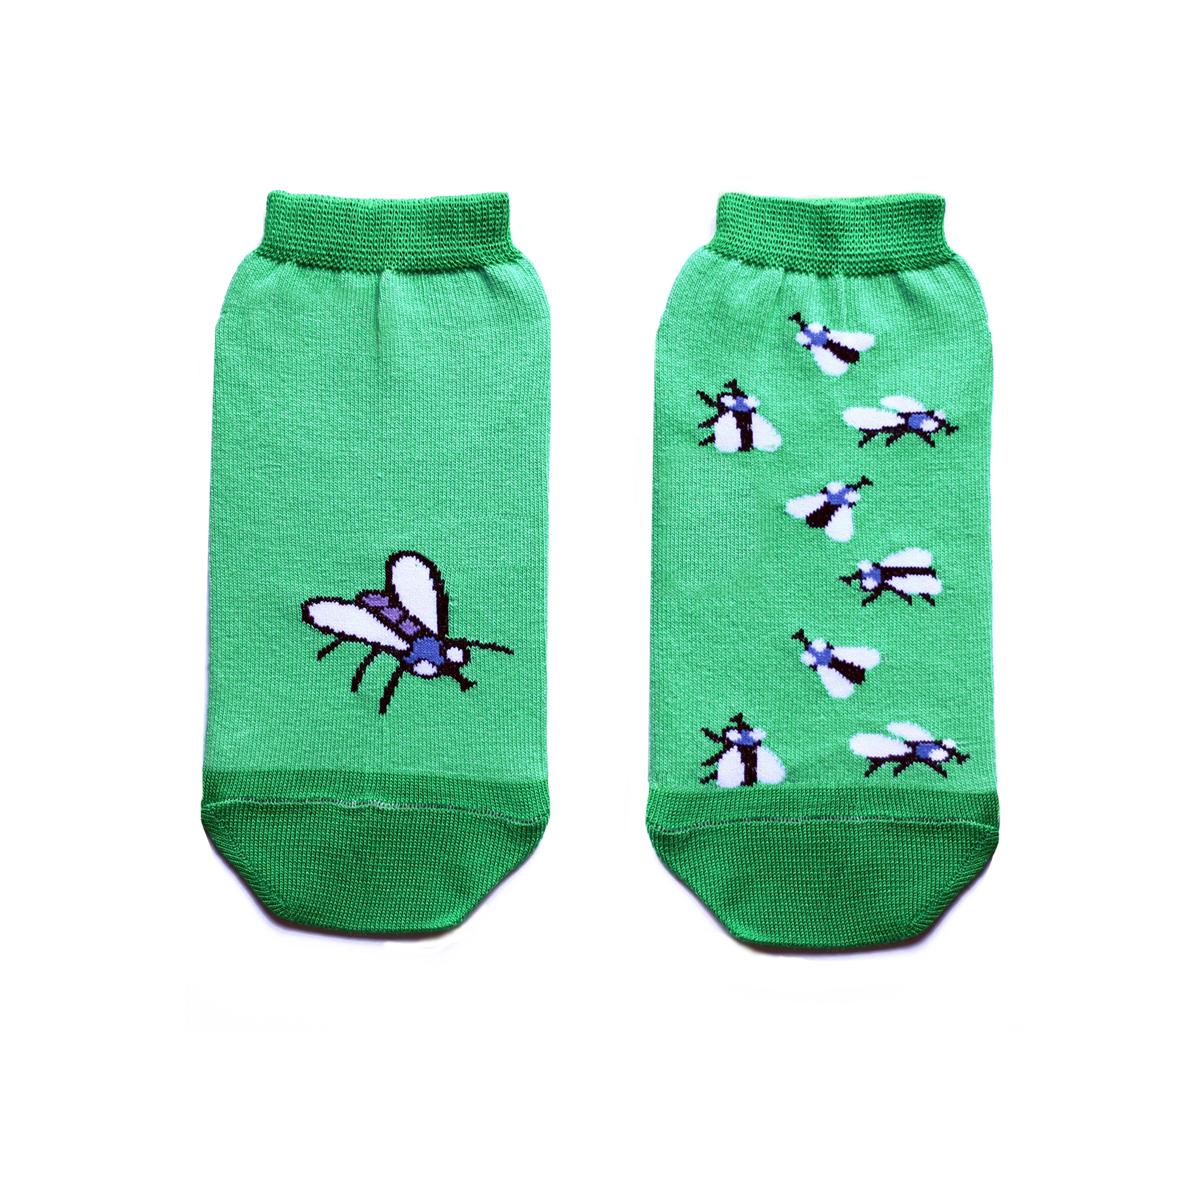 Носки мужские Big Bang Socks, цвет: зеленый. ca1432. Размер 40/44ca1432Укороченные мужские носки Big Bang Socks изготовлены из высококачественного хлопка с добавлением полиамидных и эластановых волокон, которые обеспечивают великолепную посадку. Носки отличаются ярким стильным дизайном, они оформлены изображением мух. Удобная резинка идеально облегает ногу и не пережимает сосуды, а усиленные пятка и мысок повышают износоустойчивость носка. Дизайнерские носки Big Bang Socks - яркая деталь в вашем образе и оригинальный подарок для друзей и близких.